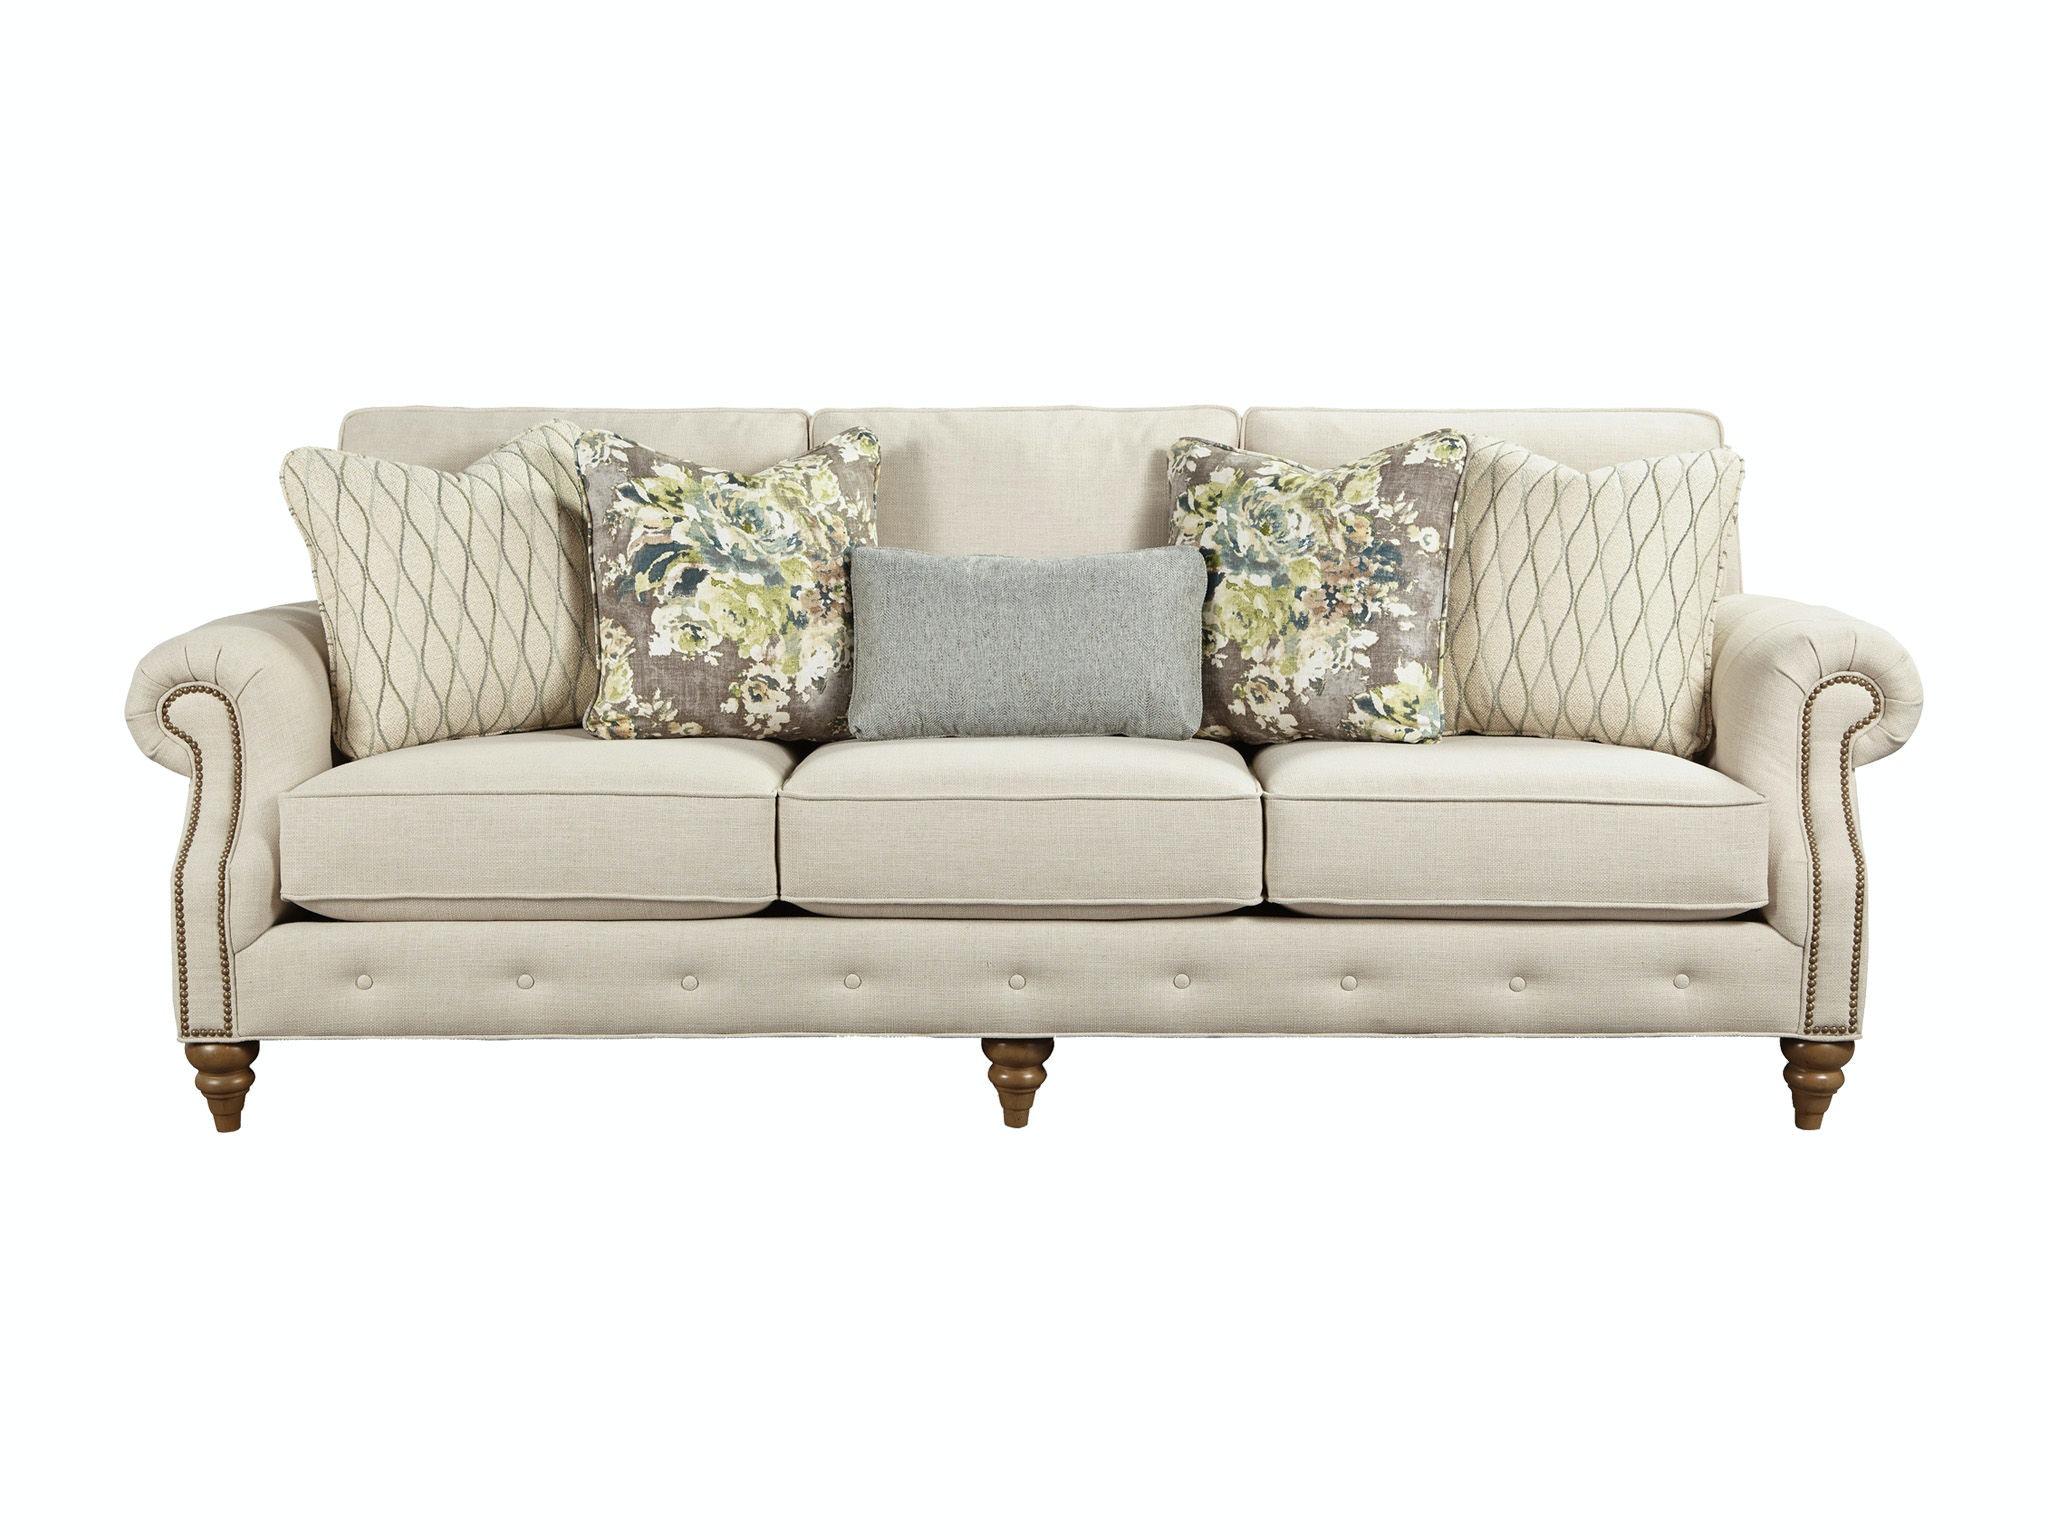 P763250BD. Sofa · P763250BD · Paula Deen By Craftmaster